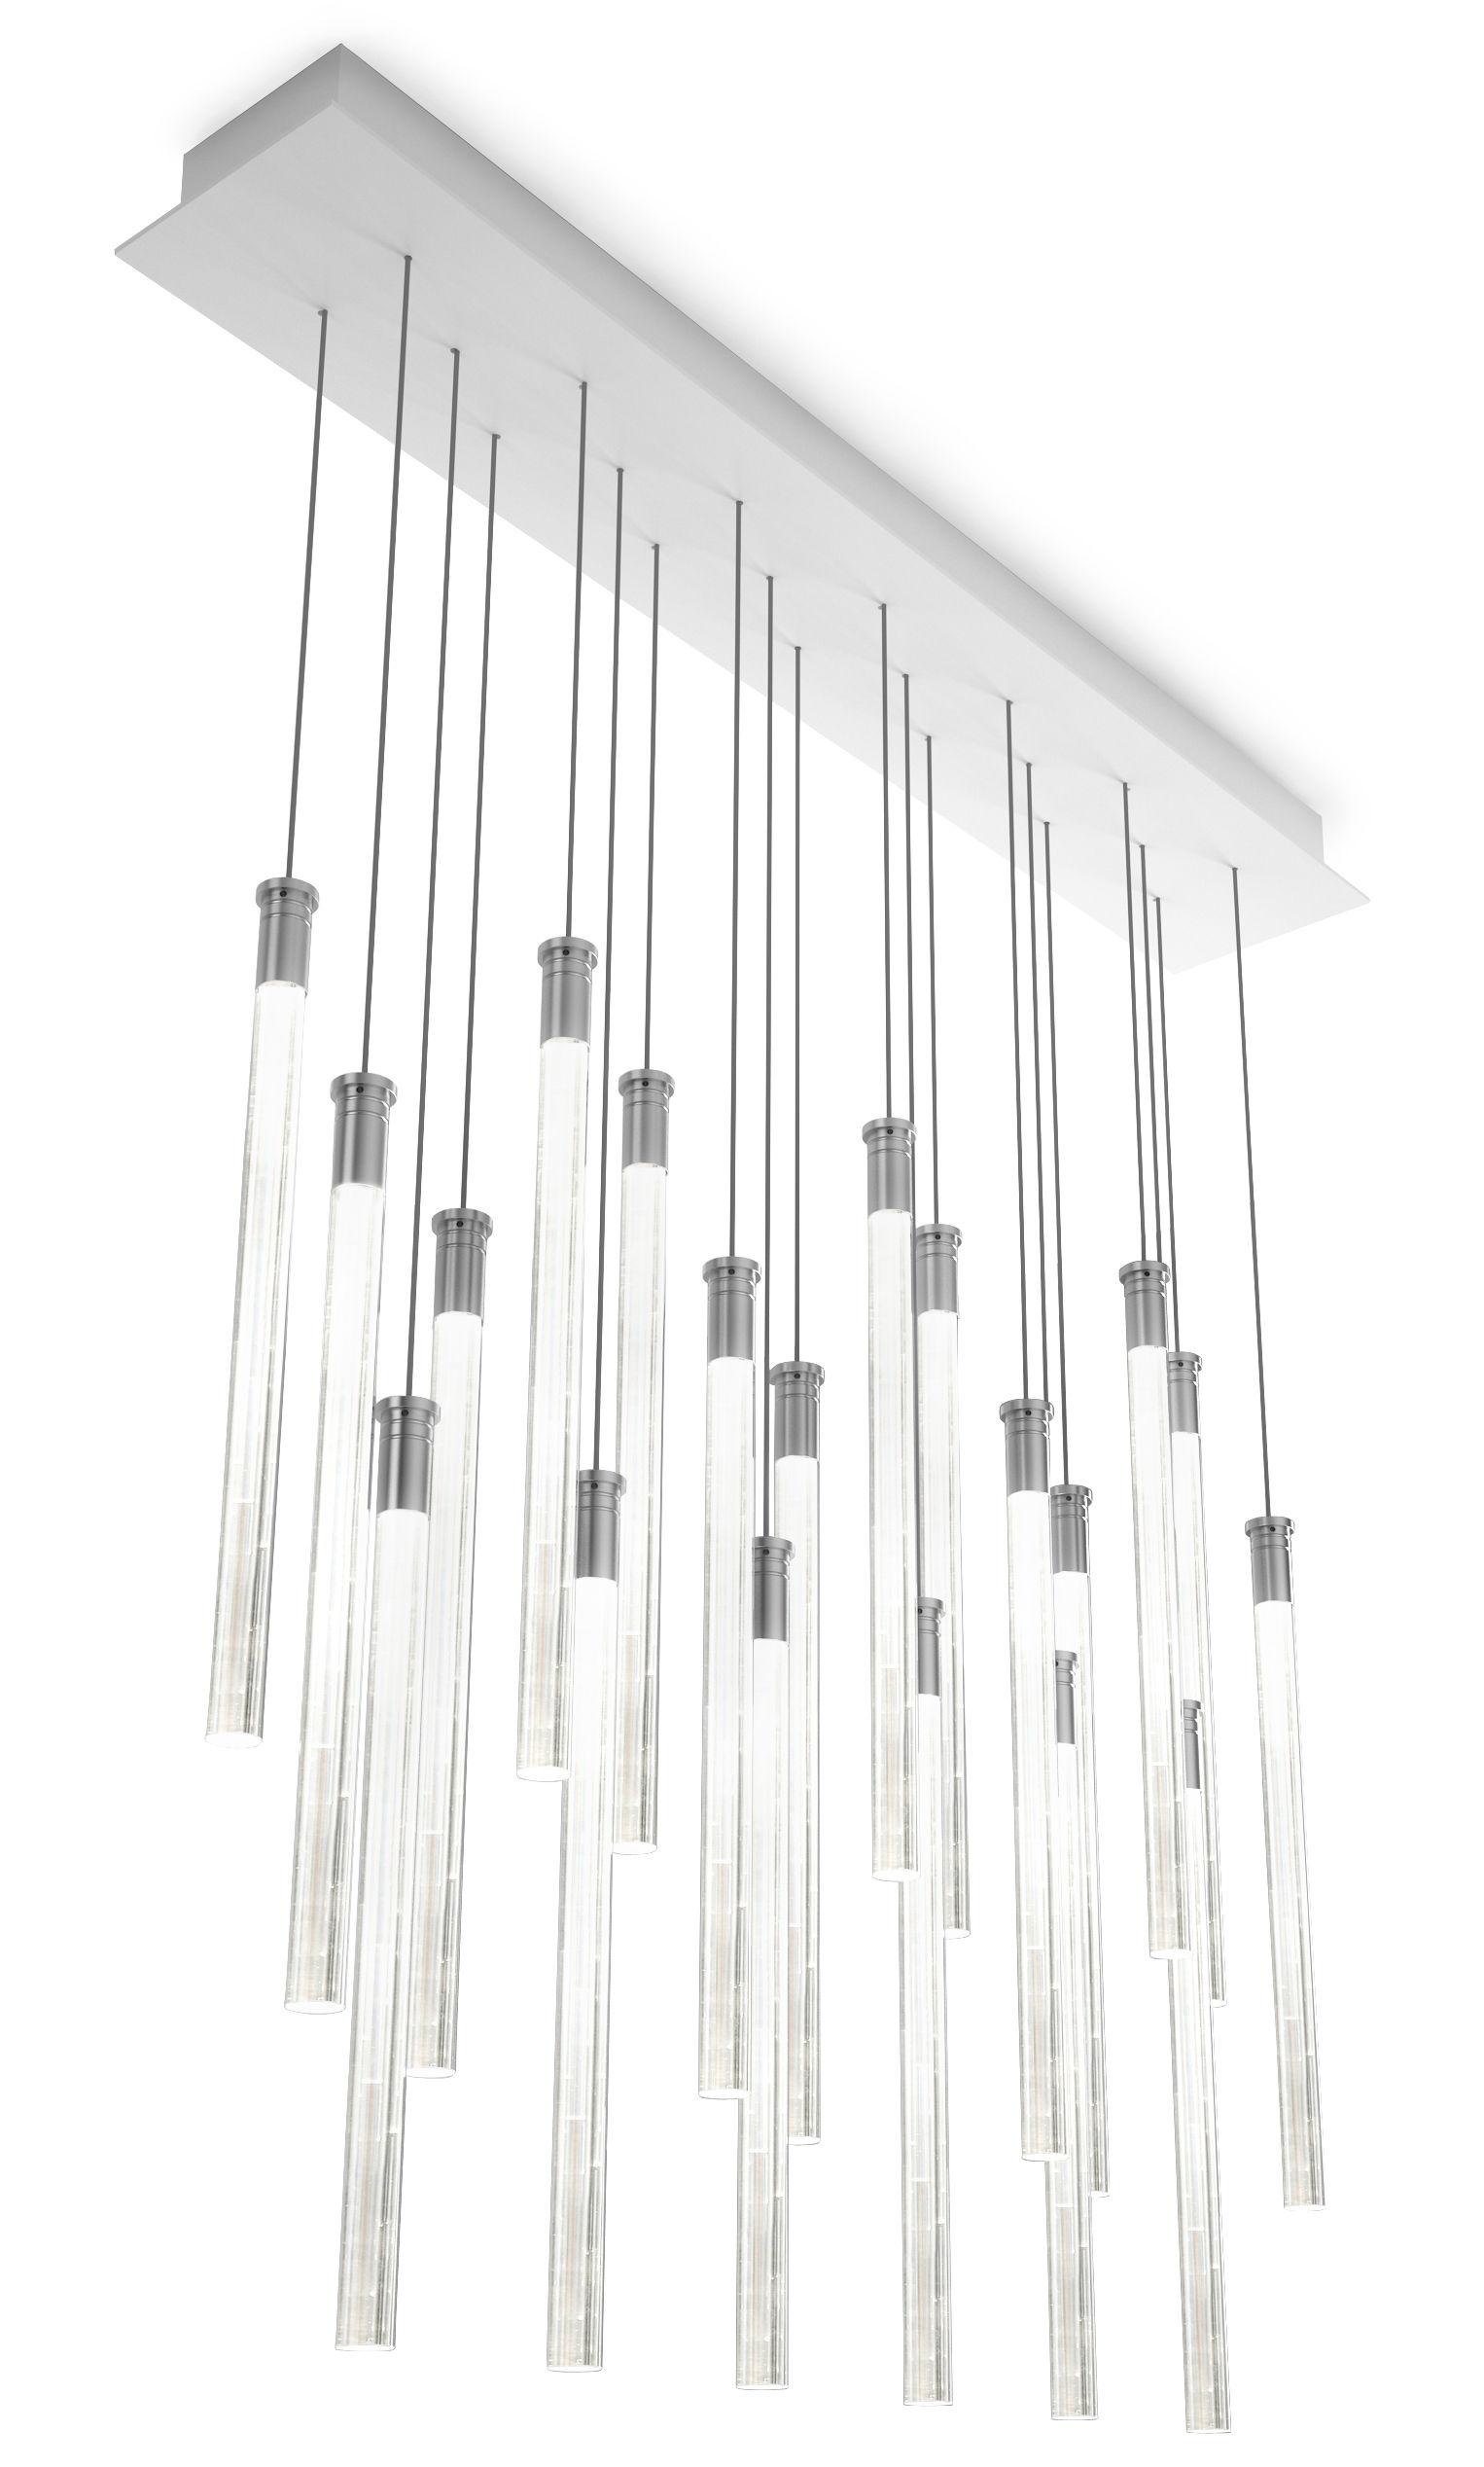 Luminaire - Suspensions - Suspension Multispot Tooby LED / 20 éléments - Fabbian - Transparent - Verre borosilicaté